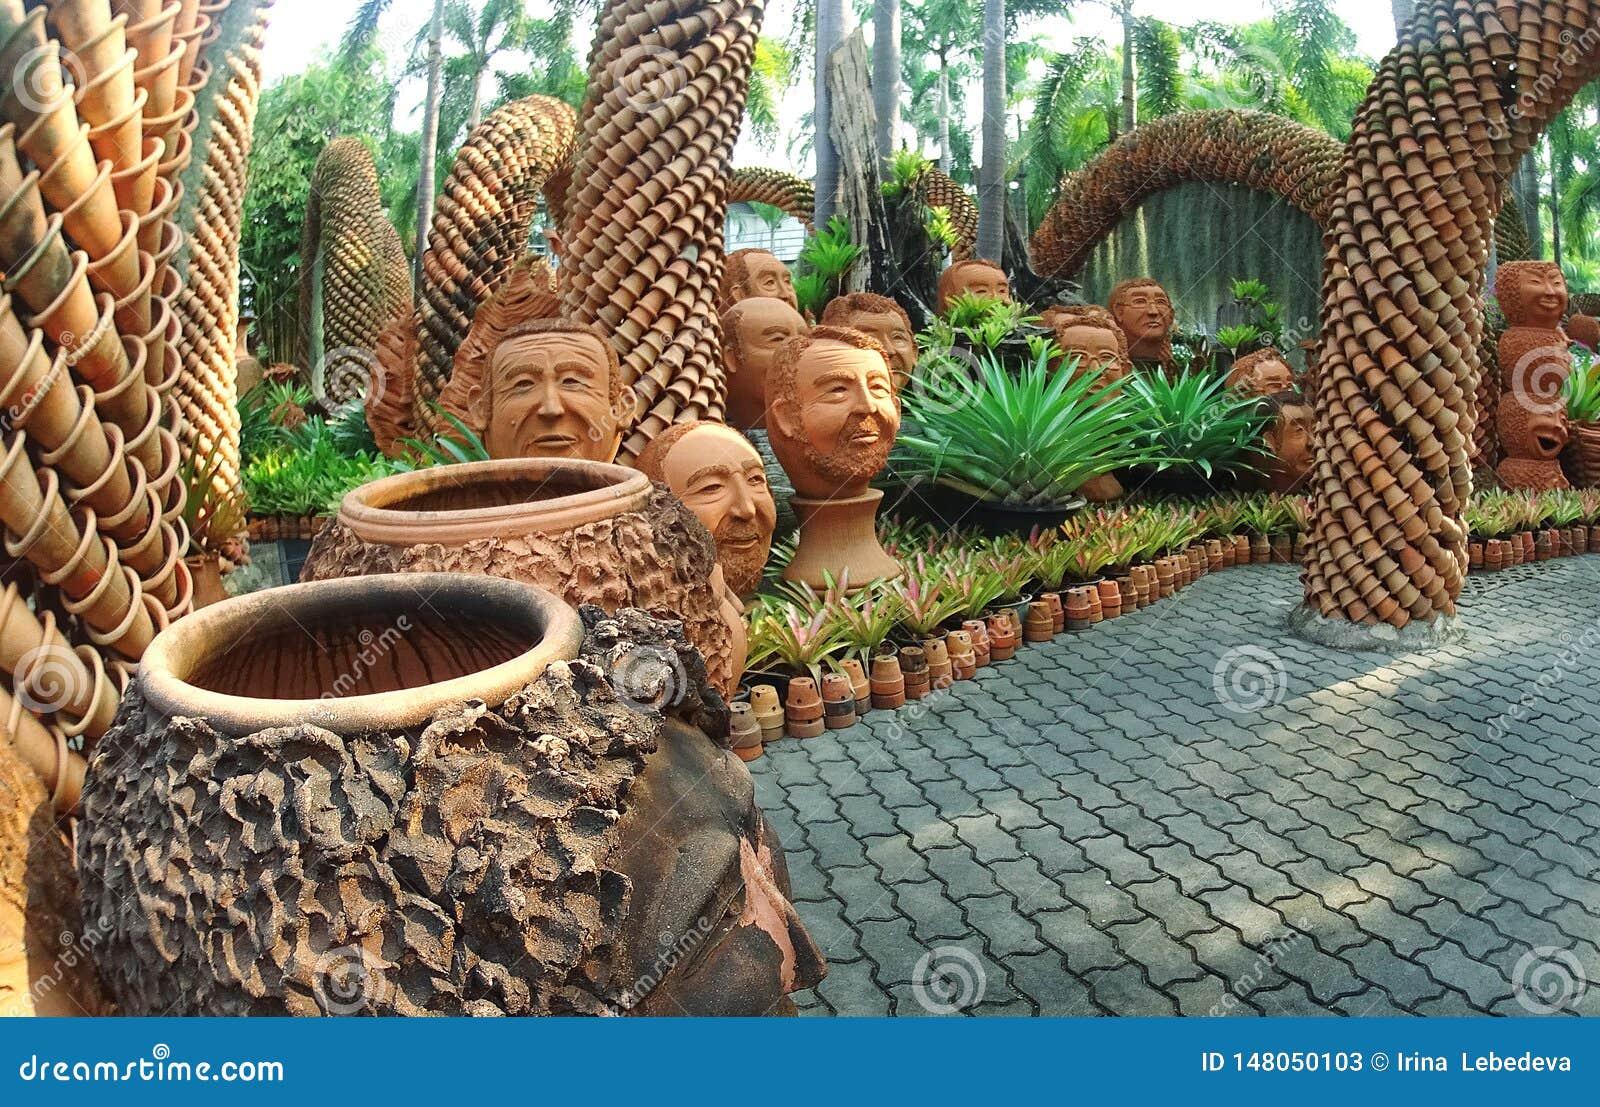 Parque tropical Nong Nooch en Pattaya con un diseño interesante del paisaje de potes de cerámica con las caras